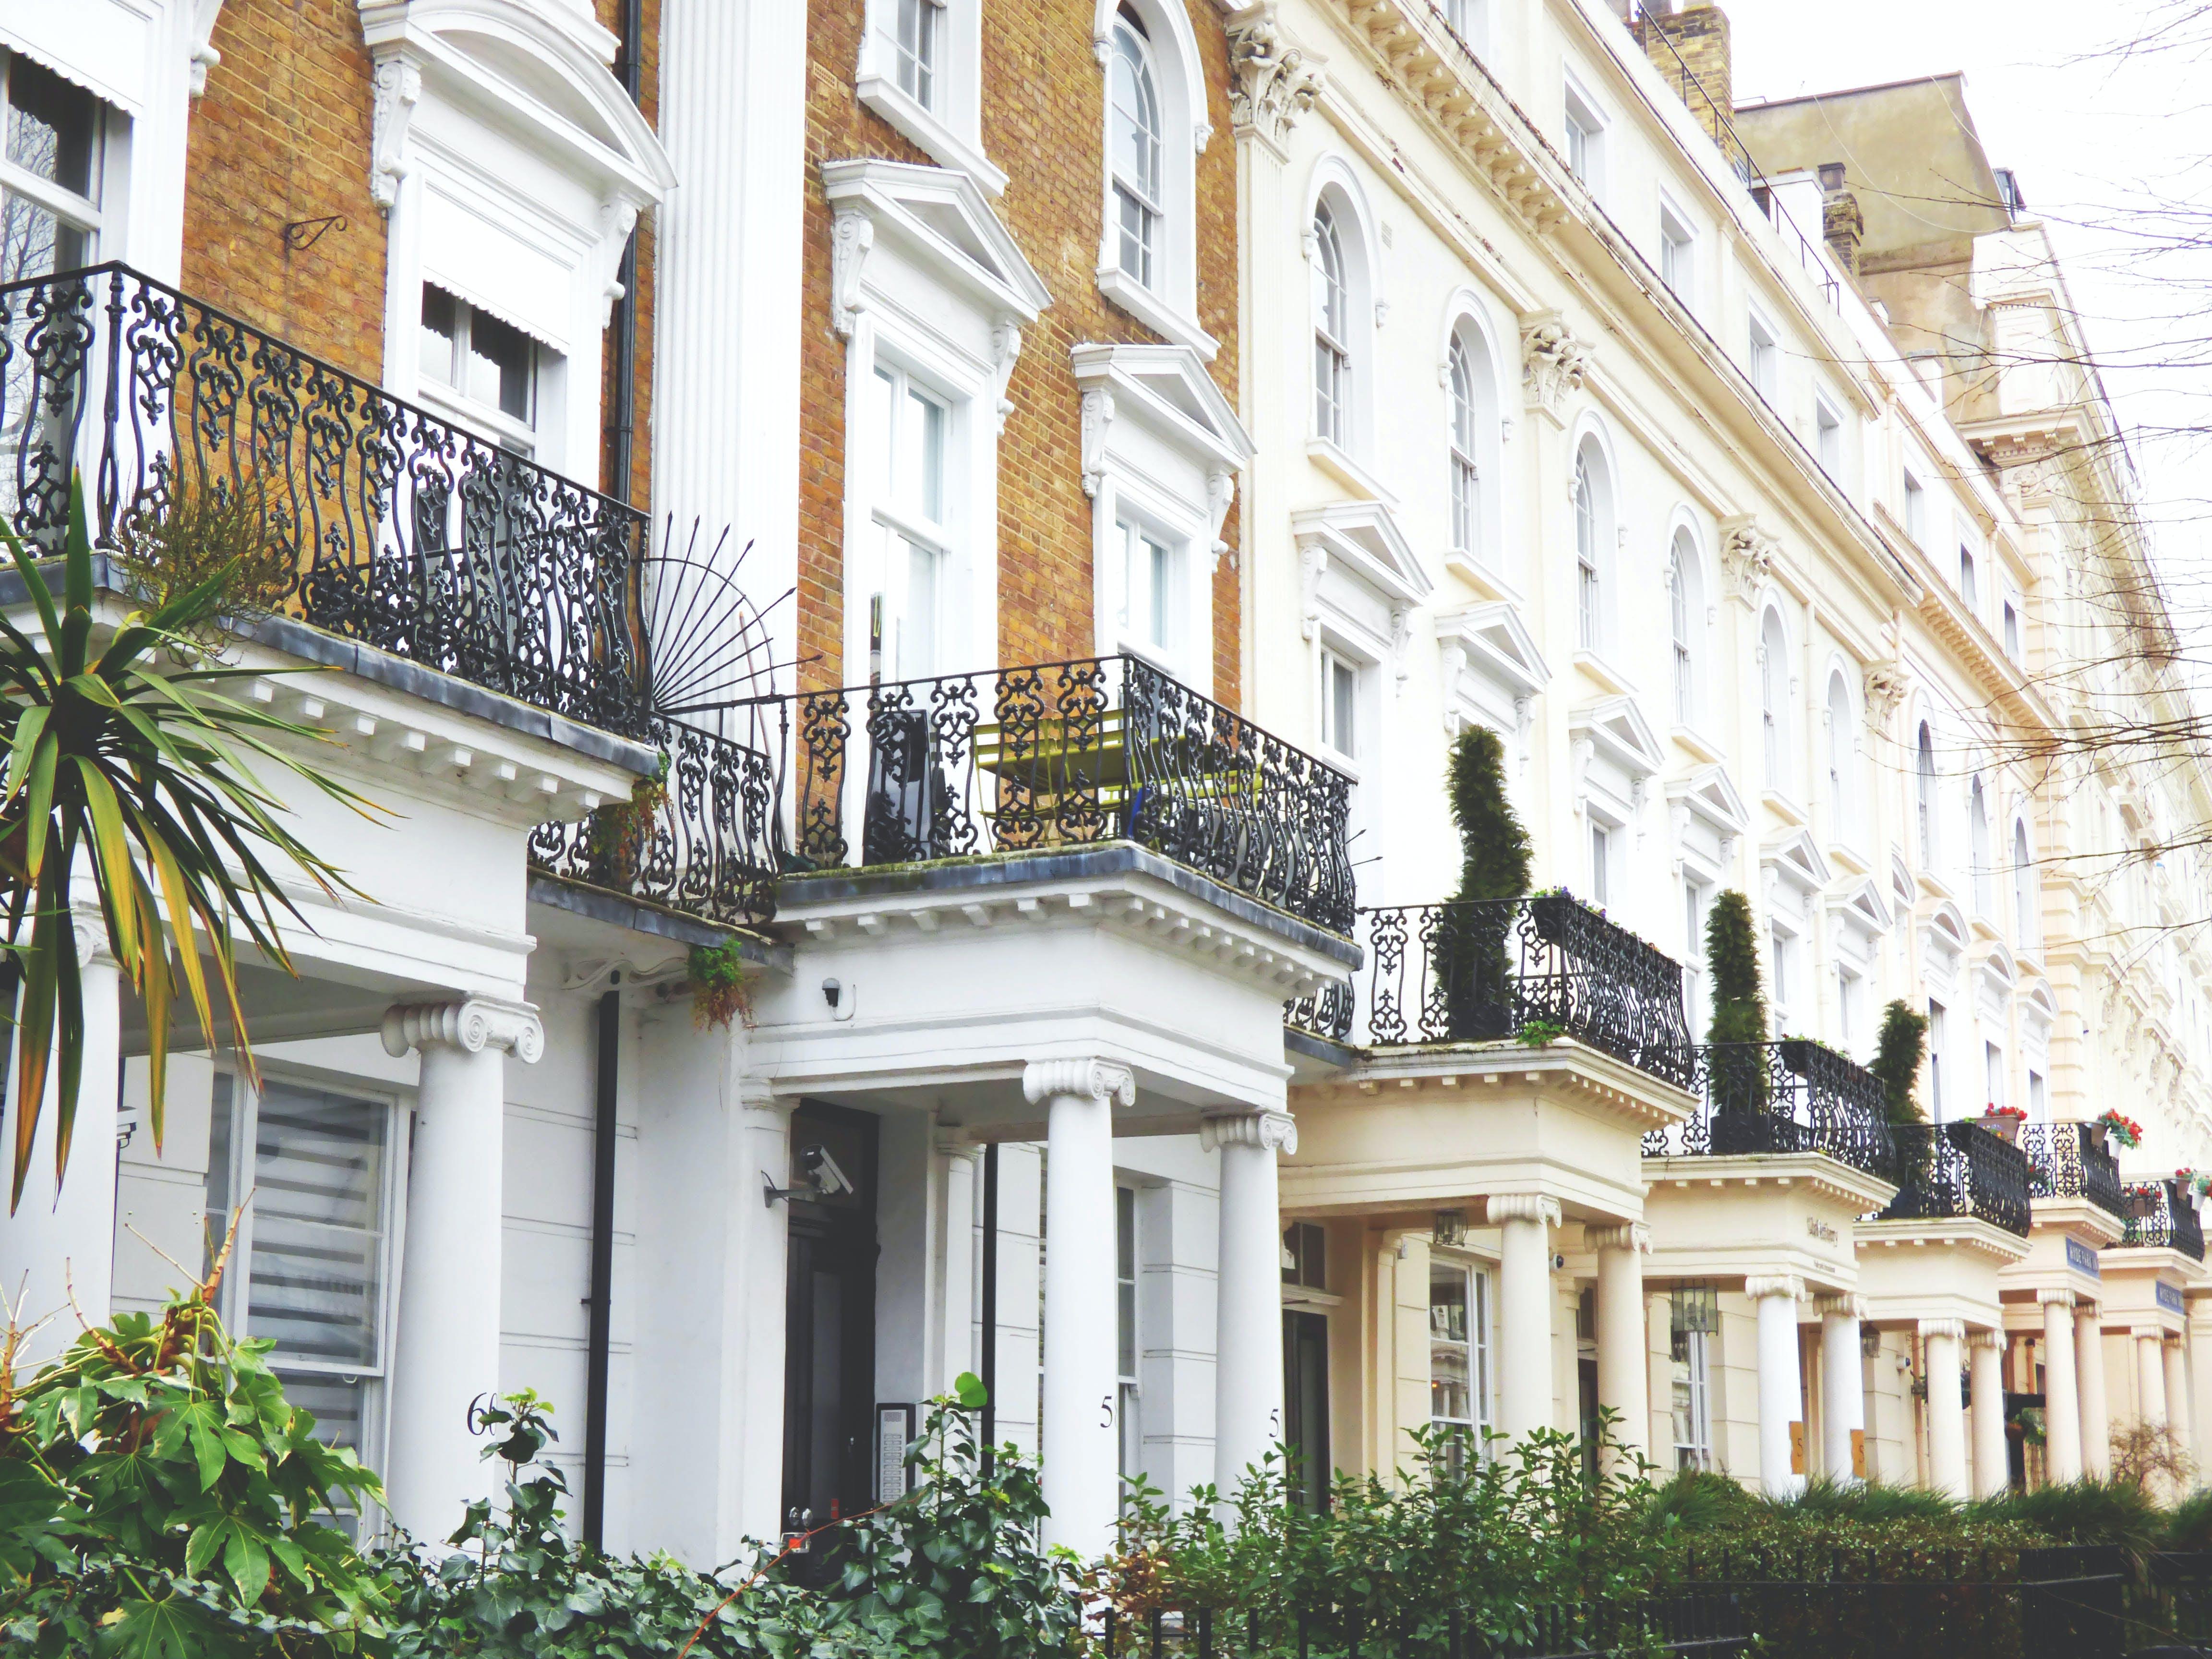 Gratis stockfoto met appartementen, architectuur, baksteen, balkons